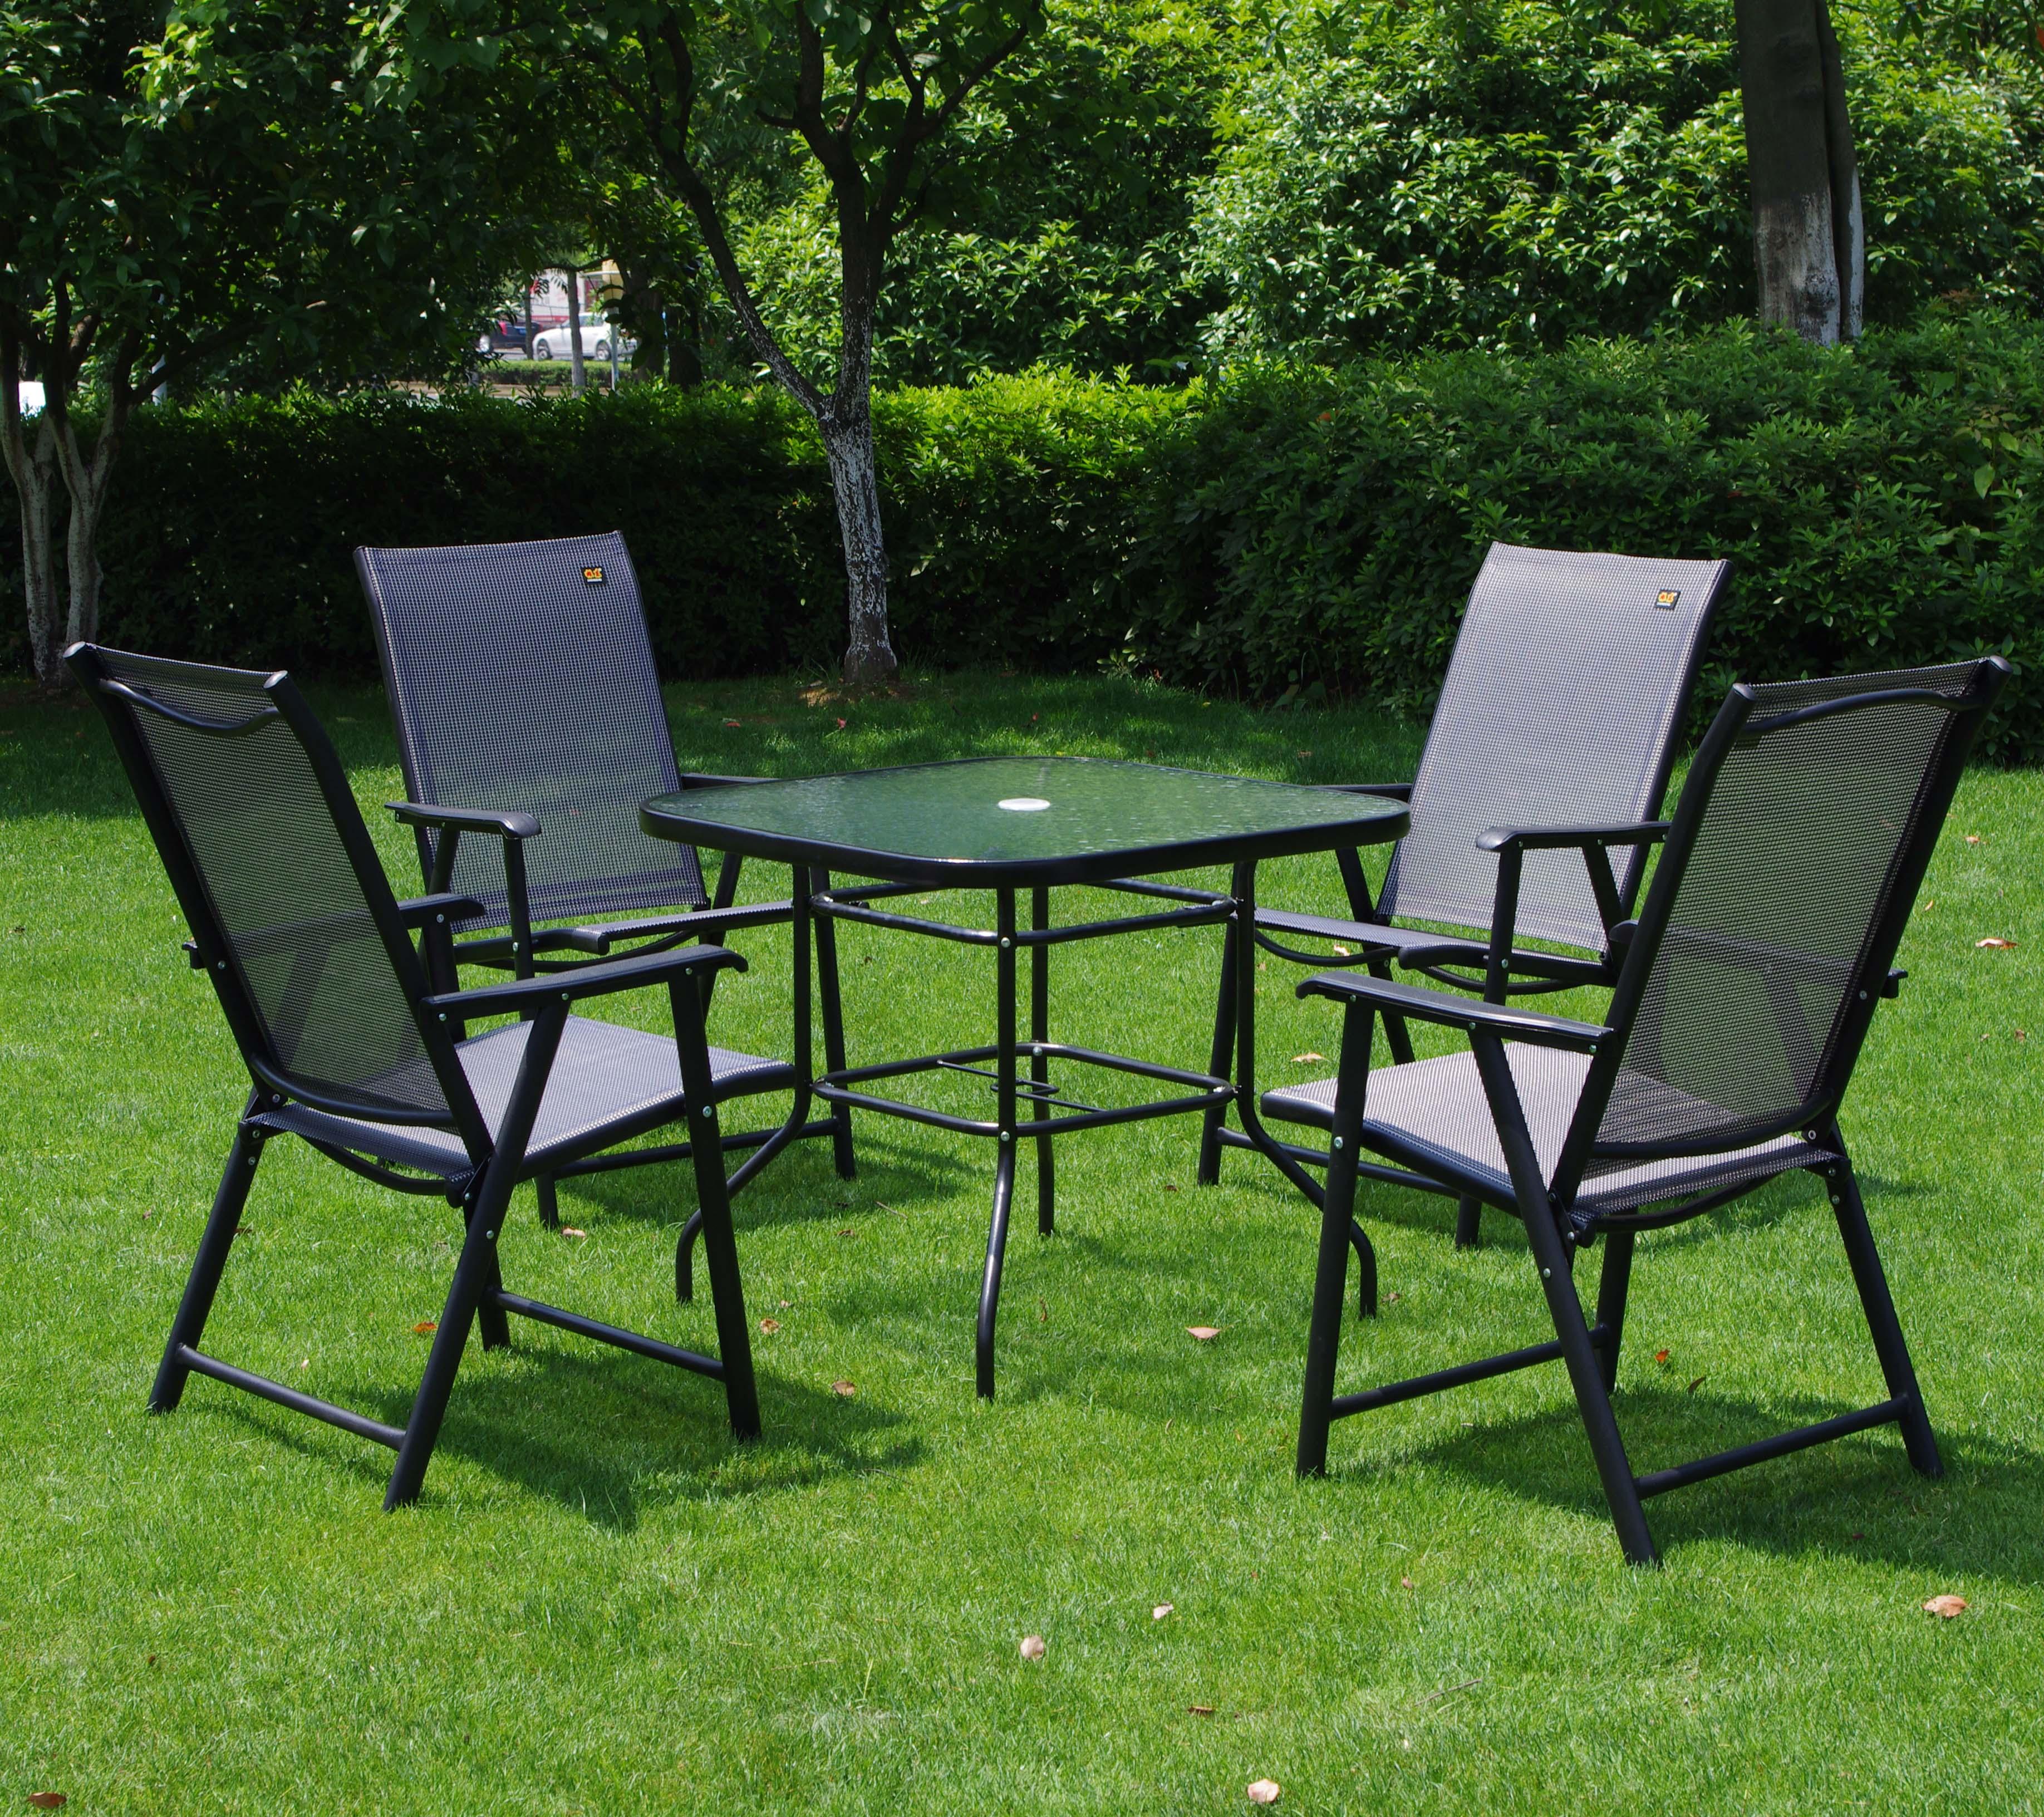 Tablas del patio del hierro compra lotes baratos de - Muebles jardin hierro ...